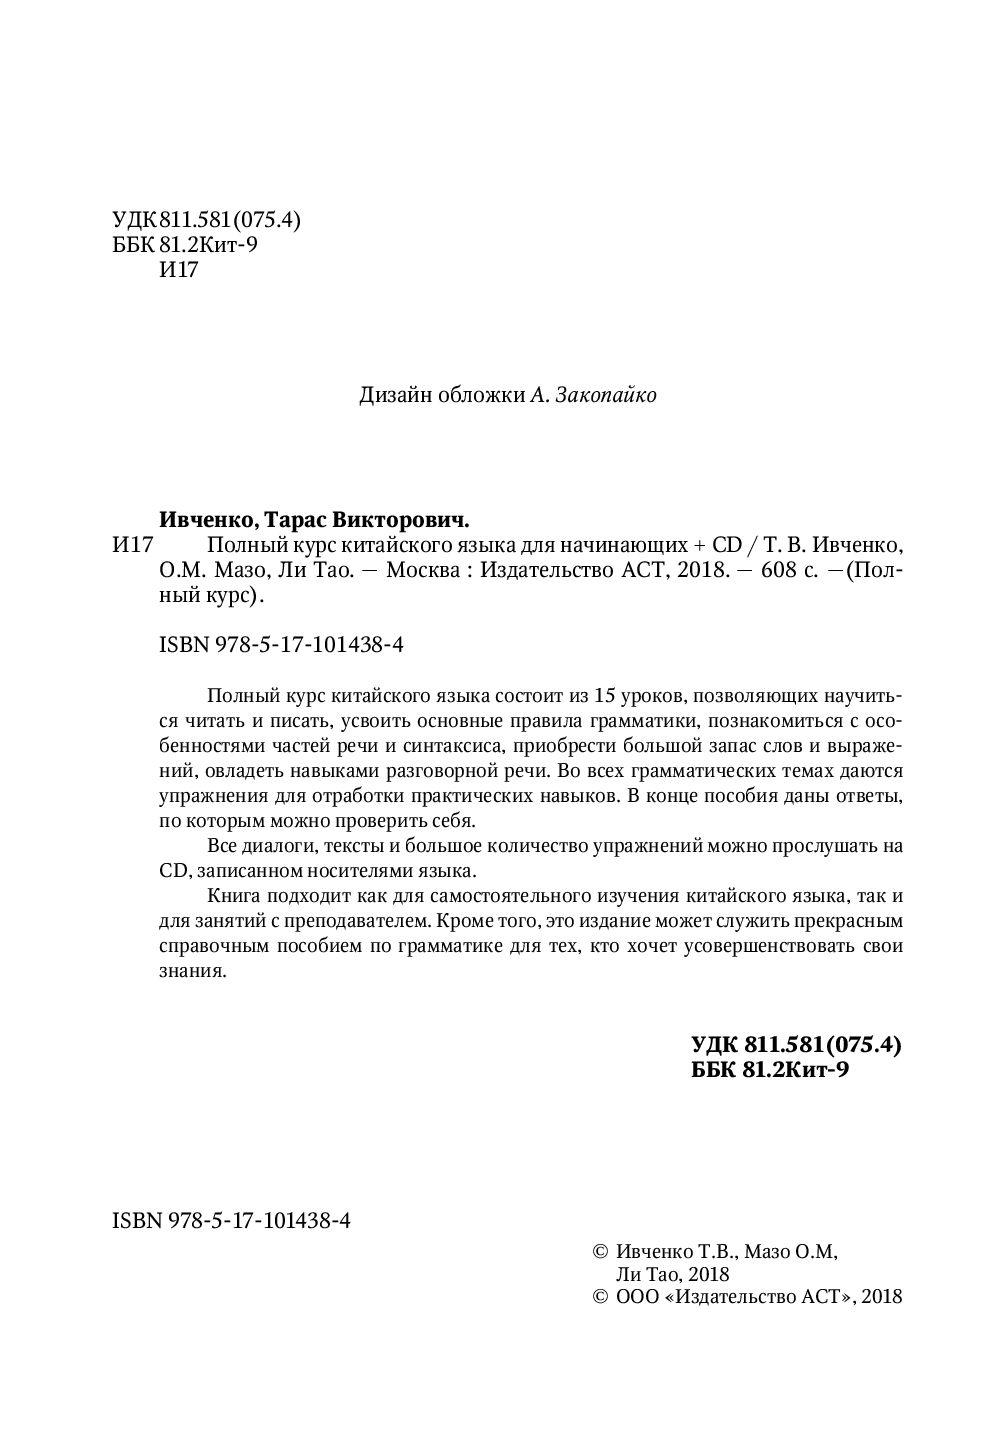 bolshie-klitori-pravila-dlya-nachinayushih-sabmissivov-obtyagivayushih